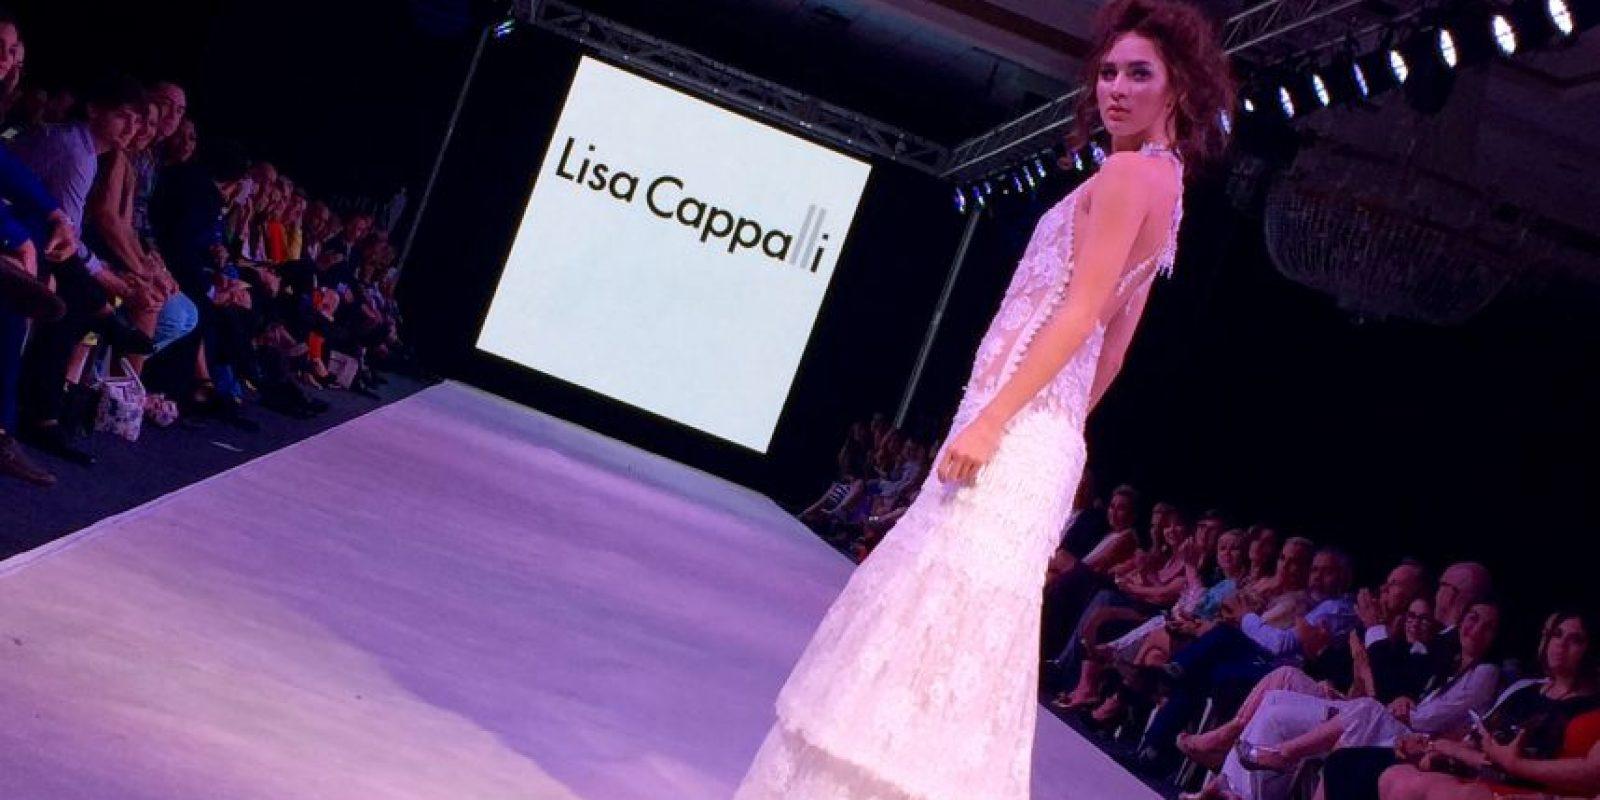 """Vestidos de la colección """"Meet me at midnight"""" de Lisa Cappalli. Foto:David Cordero Mercado. Imagen Por:"""